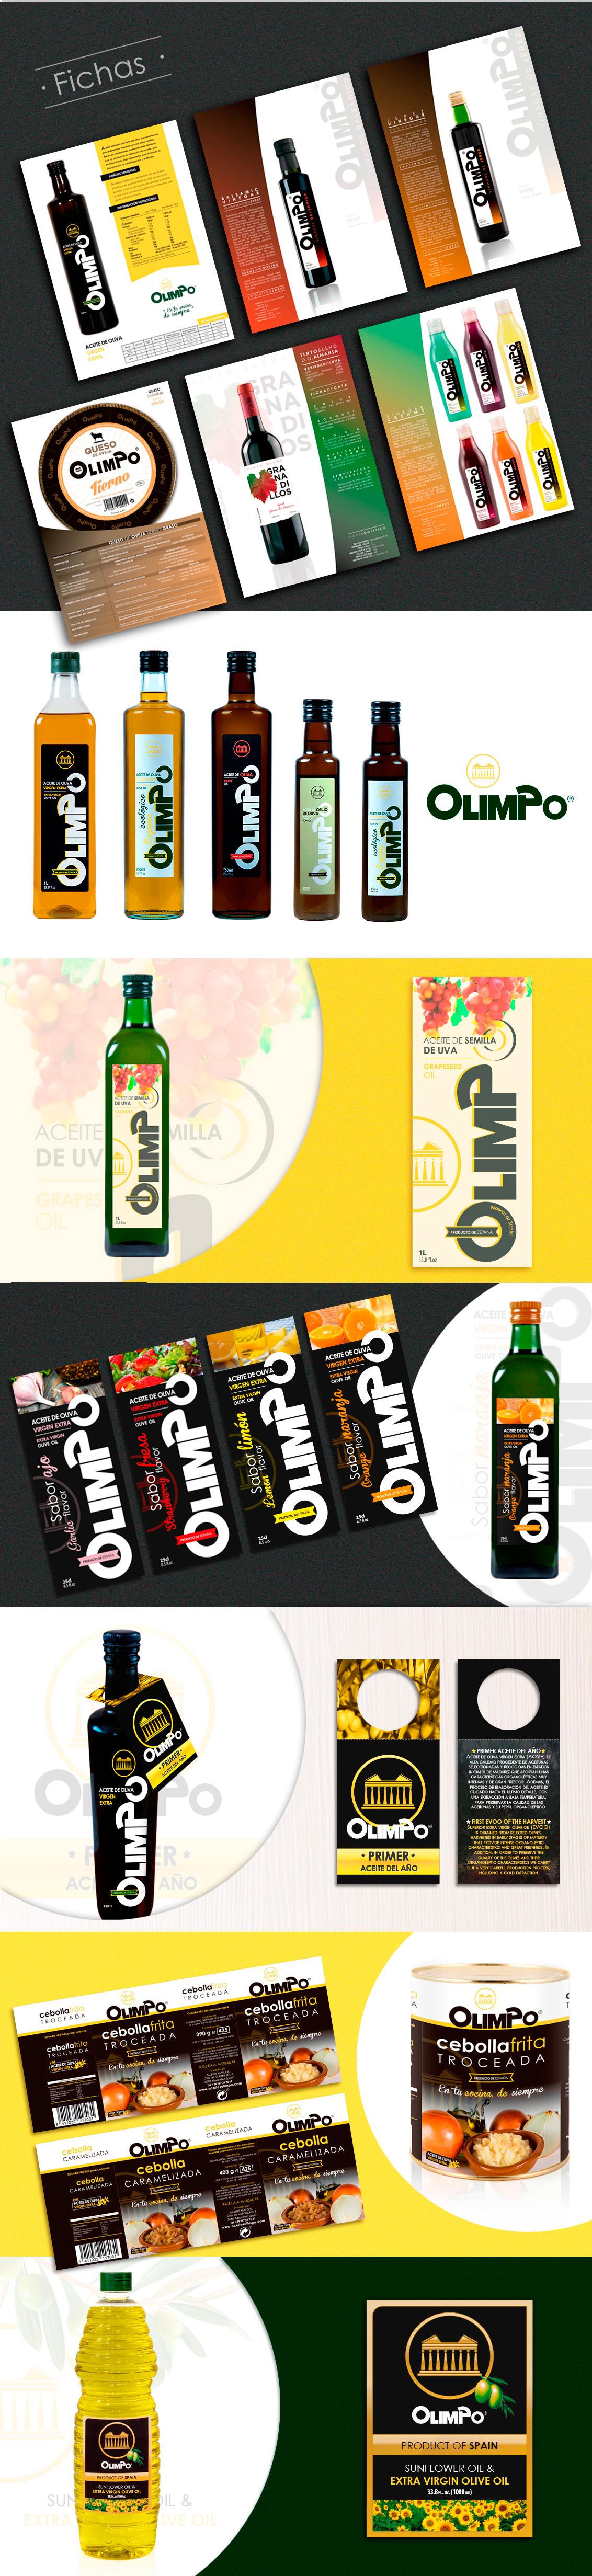 Diseño grafico, branding, diseño de fichas, diseño etiquetas aceites Olimpo